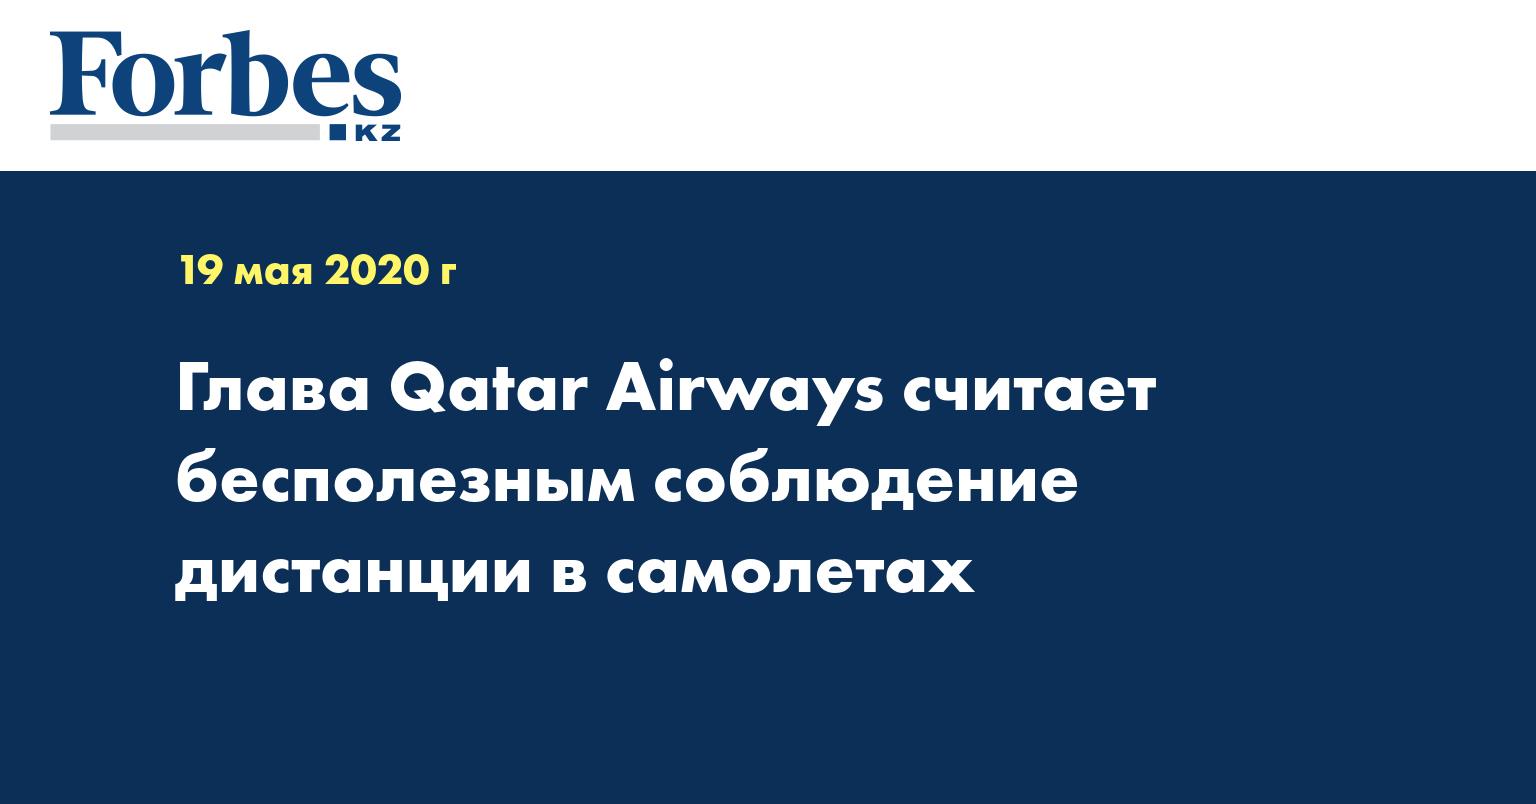 Глава Qatar Airways считает бесполезным соблюдение дистанции в самолетах